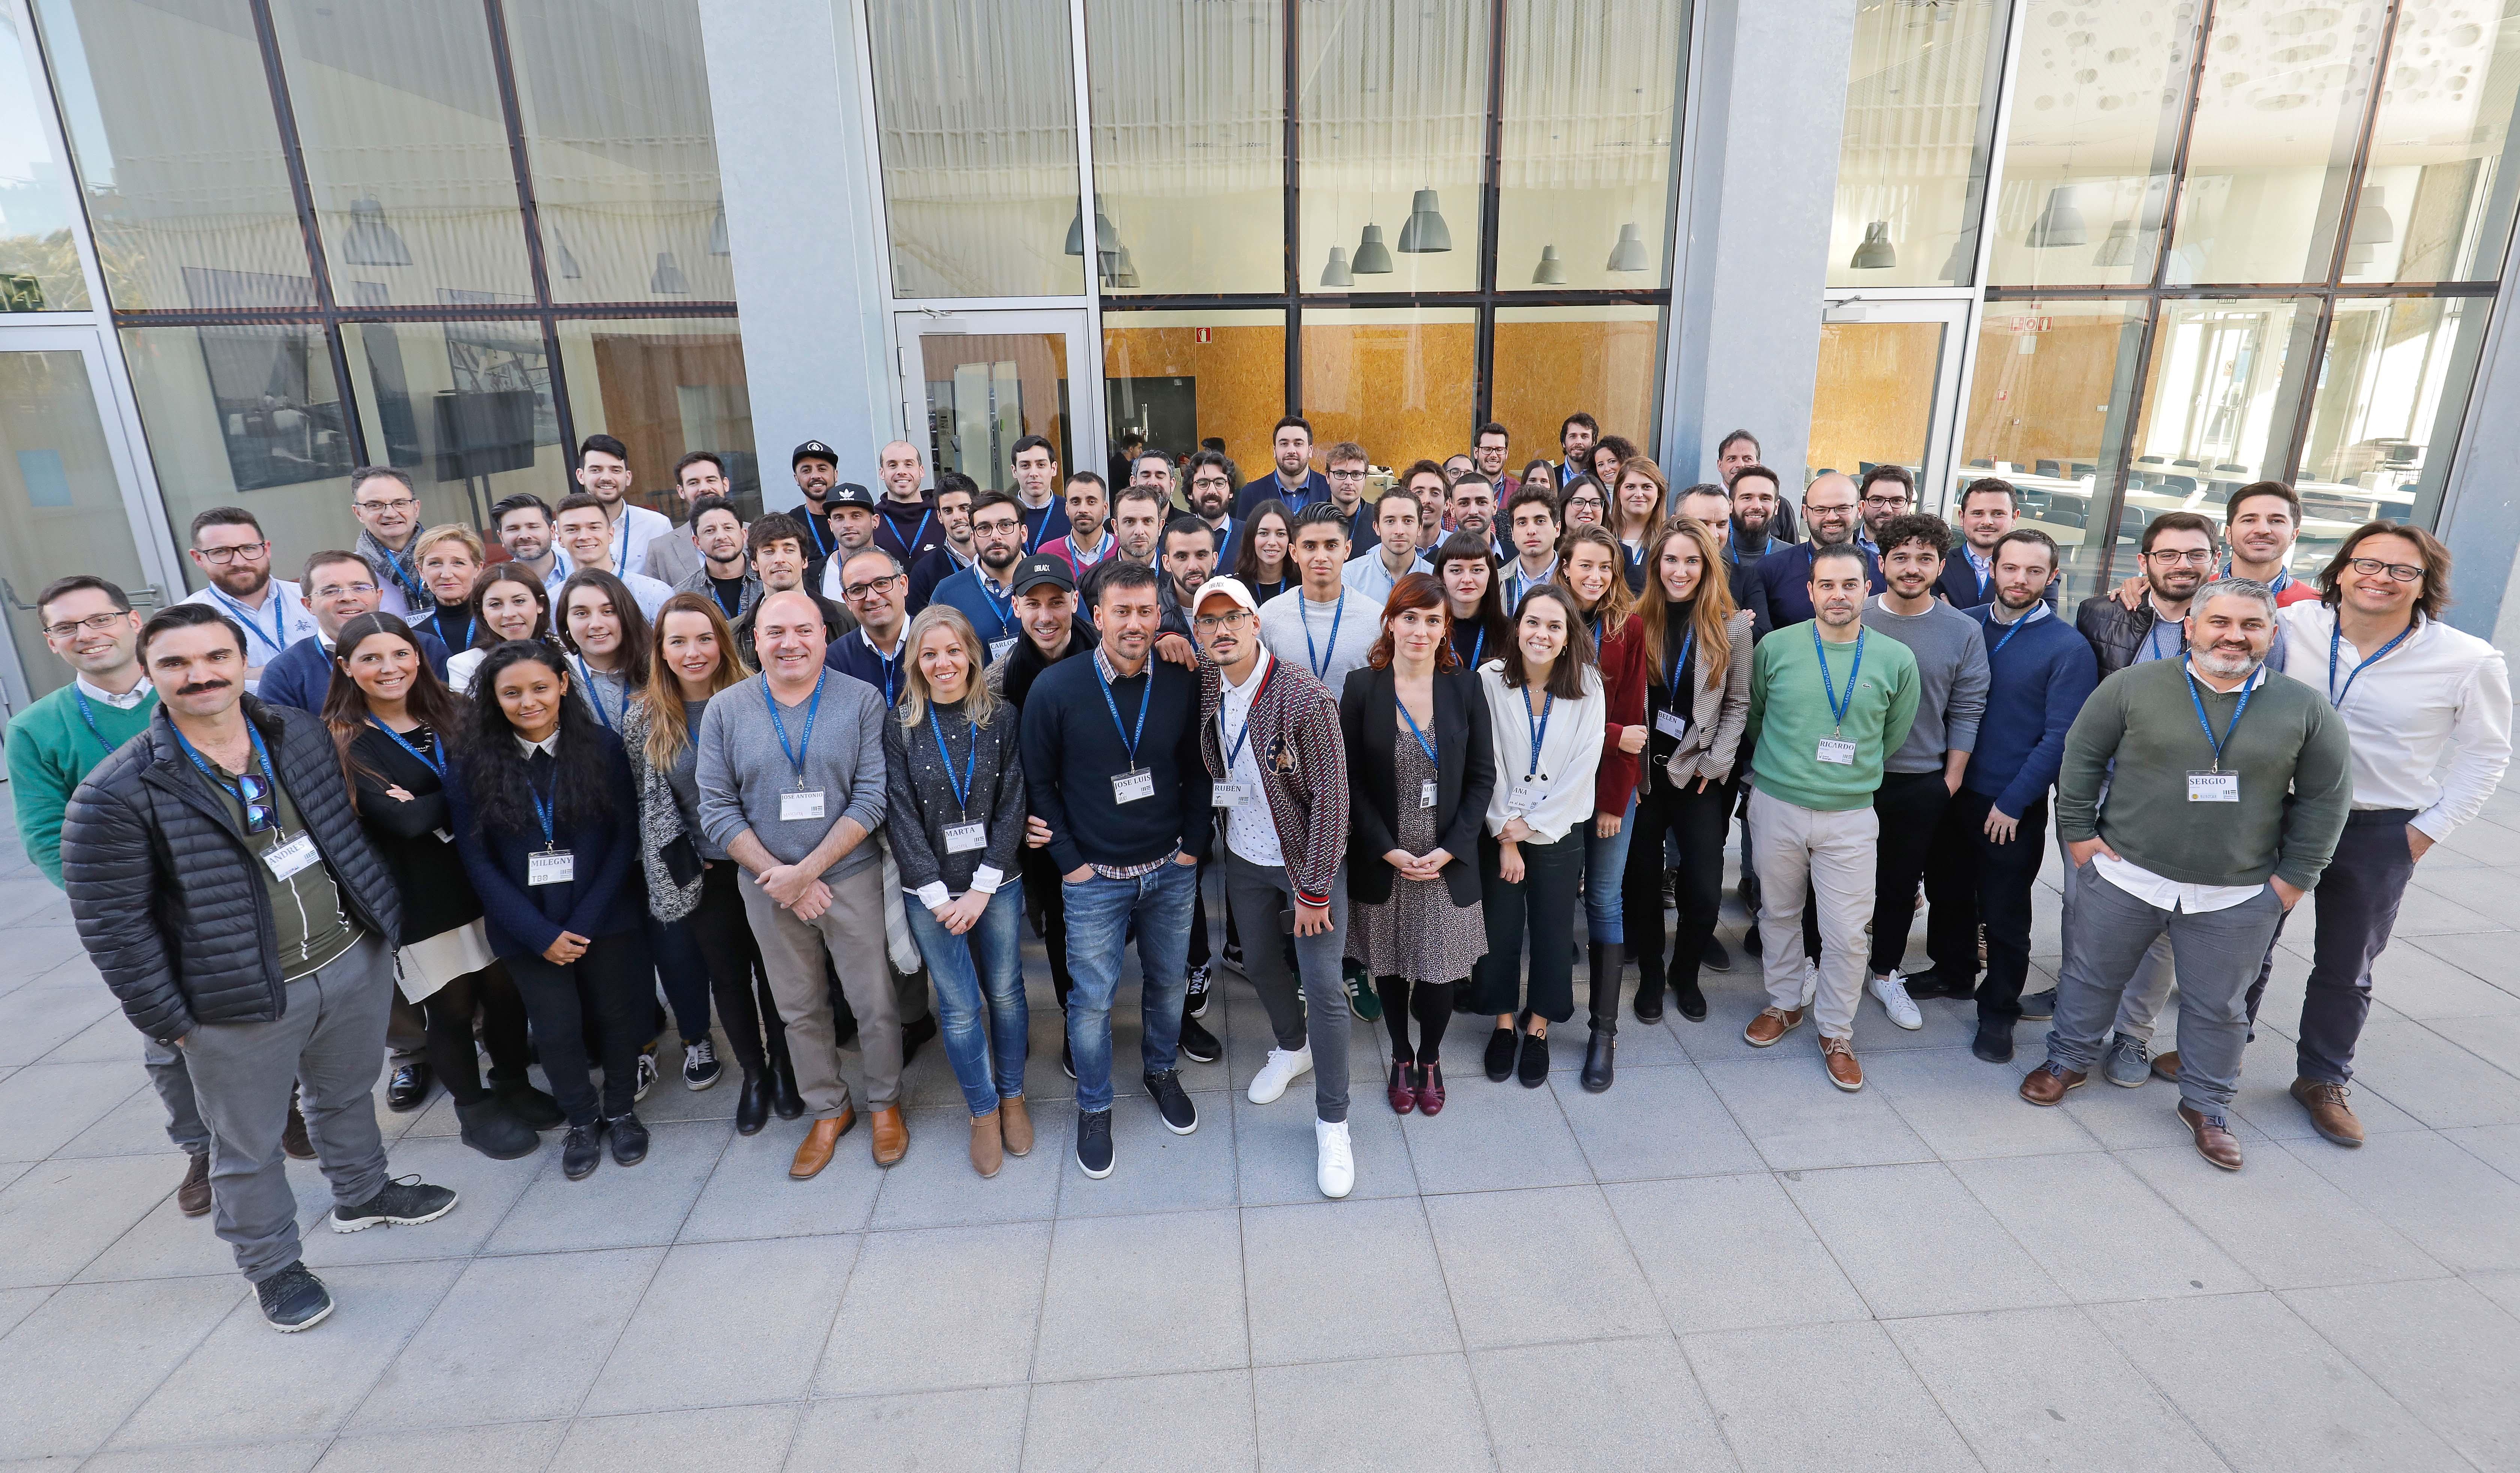 En 2019, Lanzadera, la aceleradora de startups creada por el empresario Juan Roig, celebra su sexto aniversario